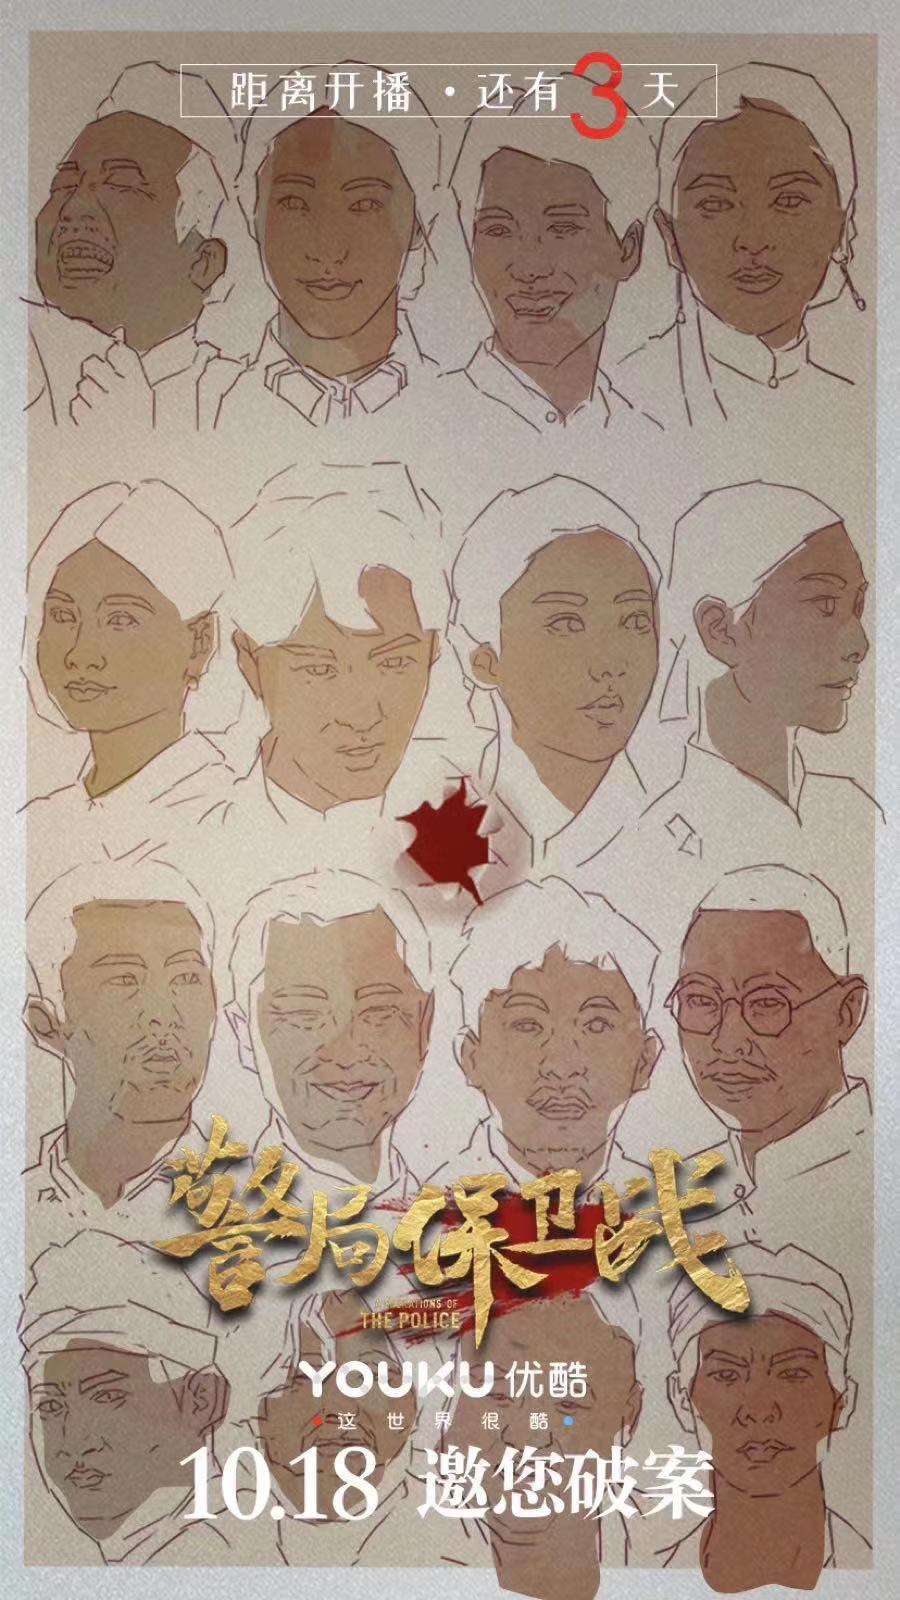 2019 中國《警局保衛戰》該片以民國題材黑色幽默的形式展現